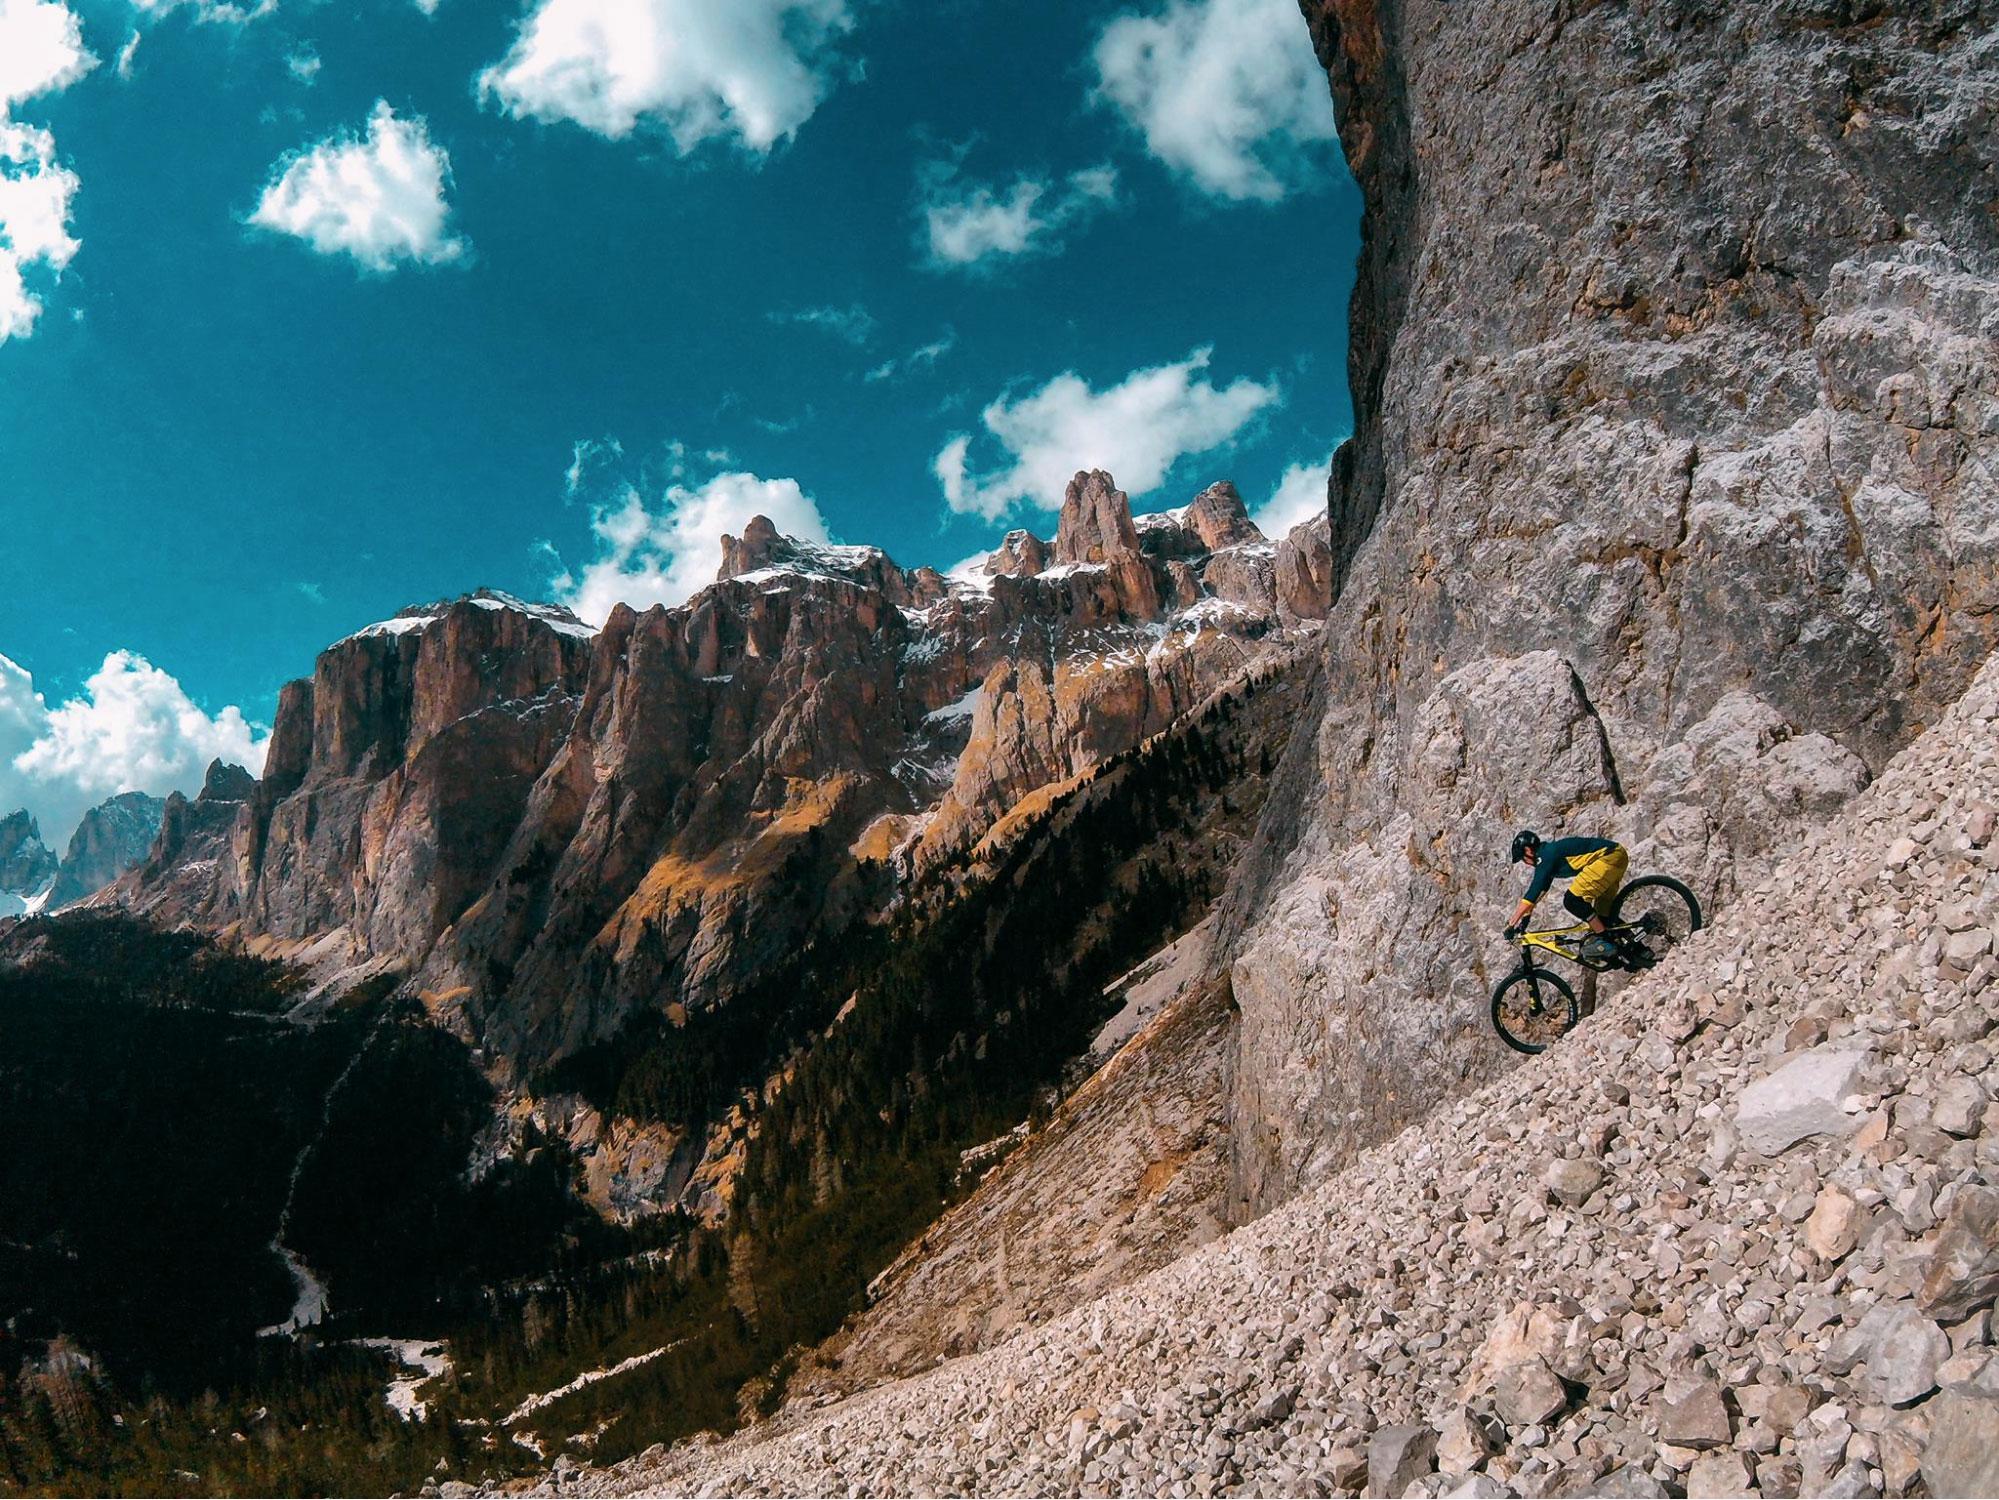 GoPro canyon photo